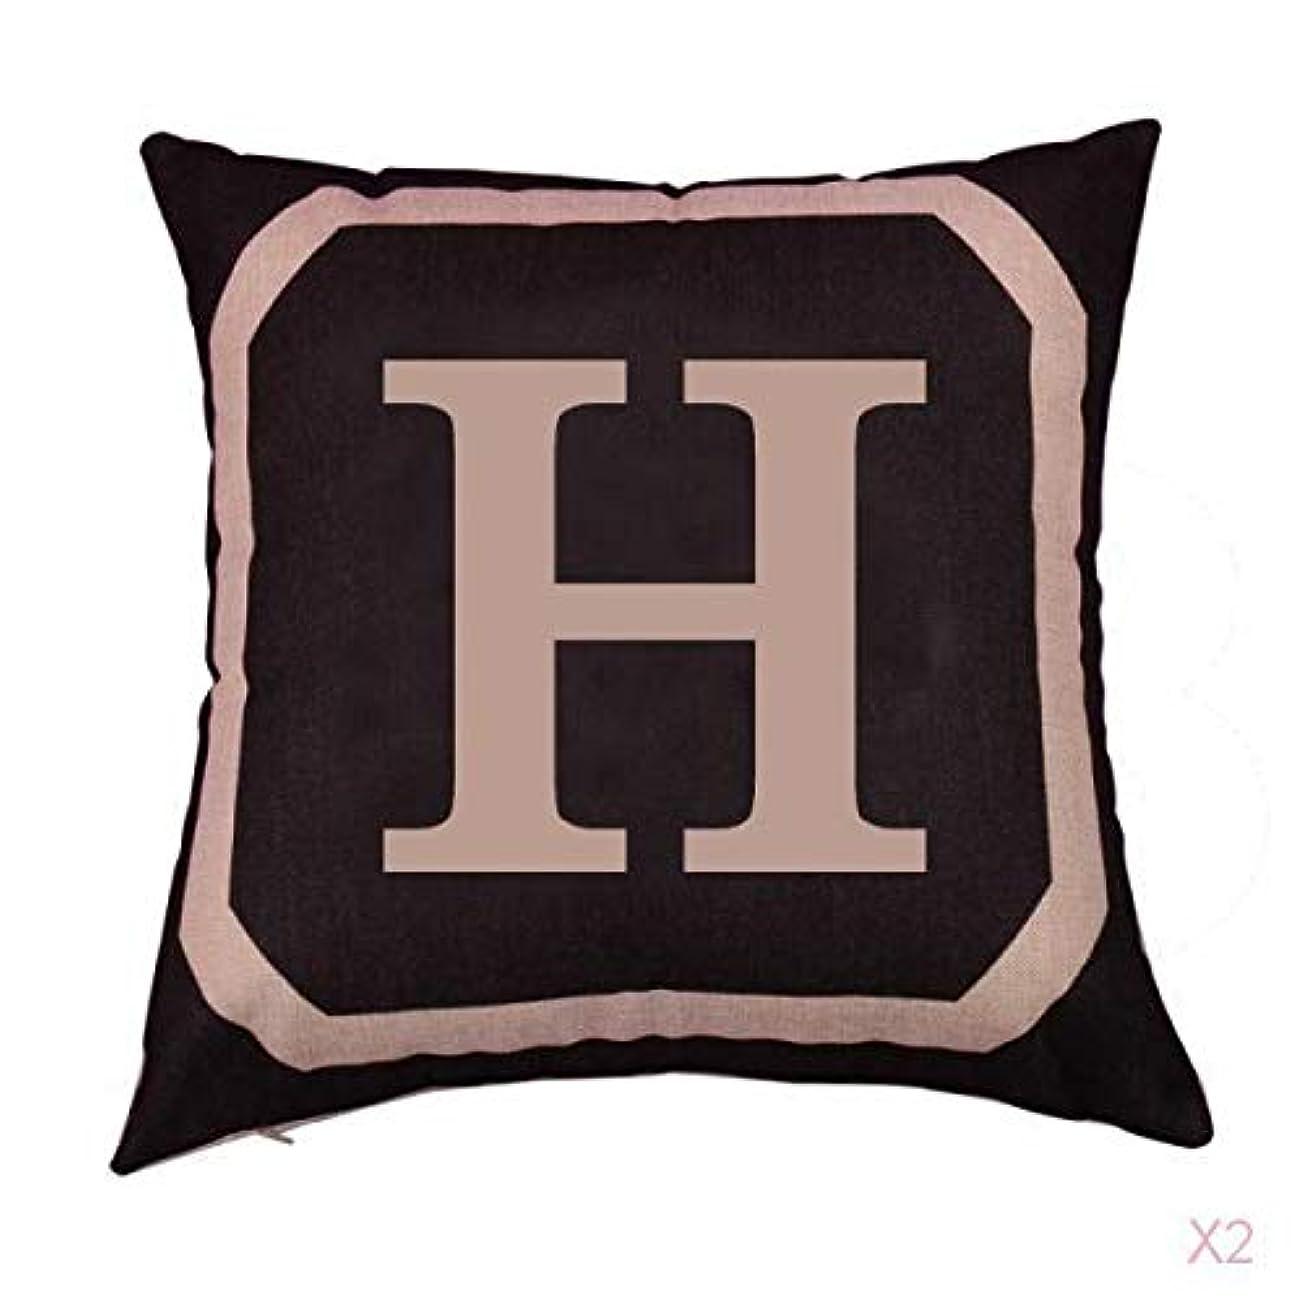 追い付くのヒープ施し正方形の綿のリネンスローピローケース腰クッションカバーベッドソファ装飾さh